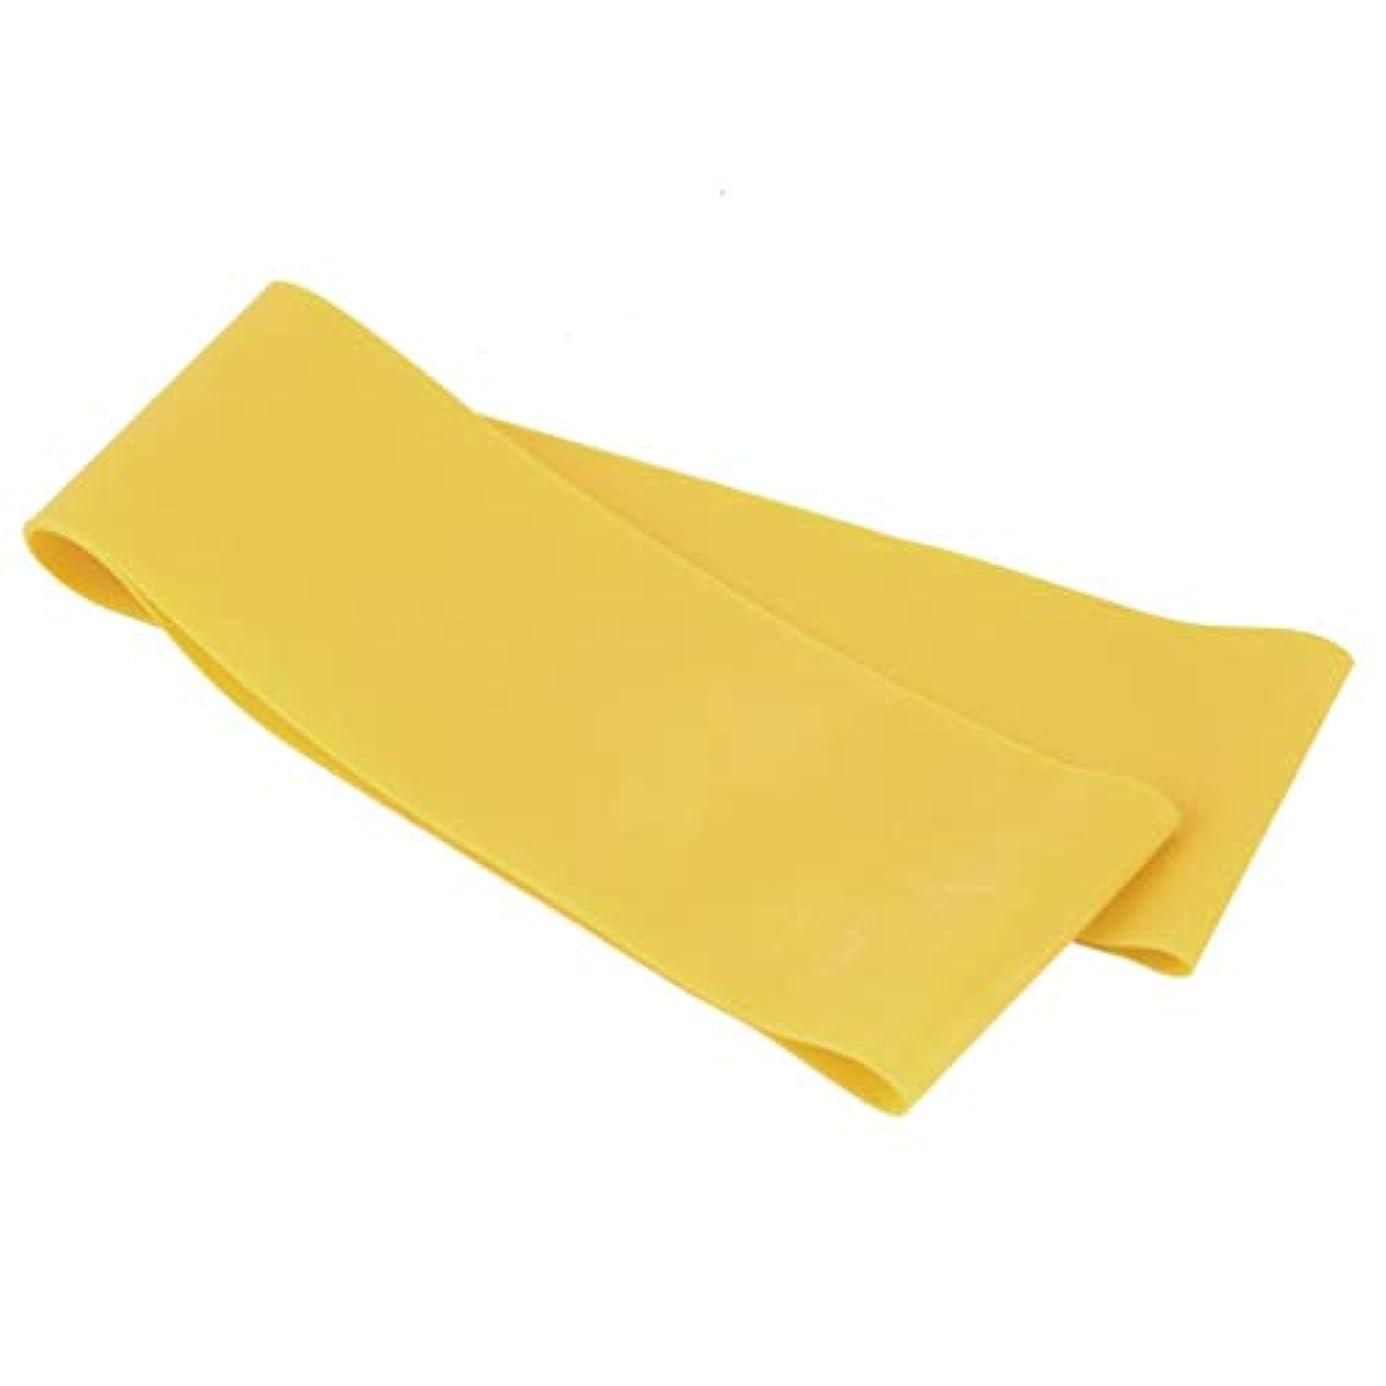 別の暴徒ホラー滑り止めの伸縮性のあるゴム製伸縮性があるヨガのベルトバンド引きロープの張力抵抗バンドループ強さのためのフィットネスヨガツール - 黄色